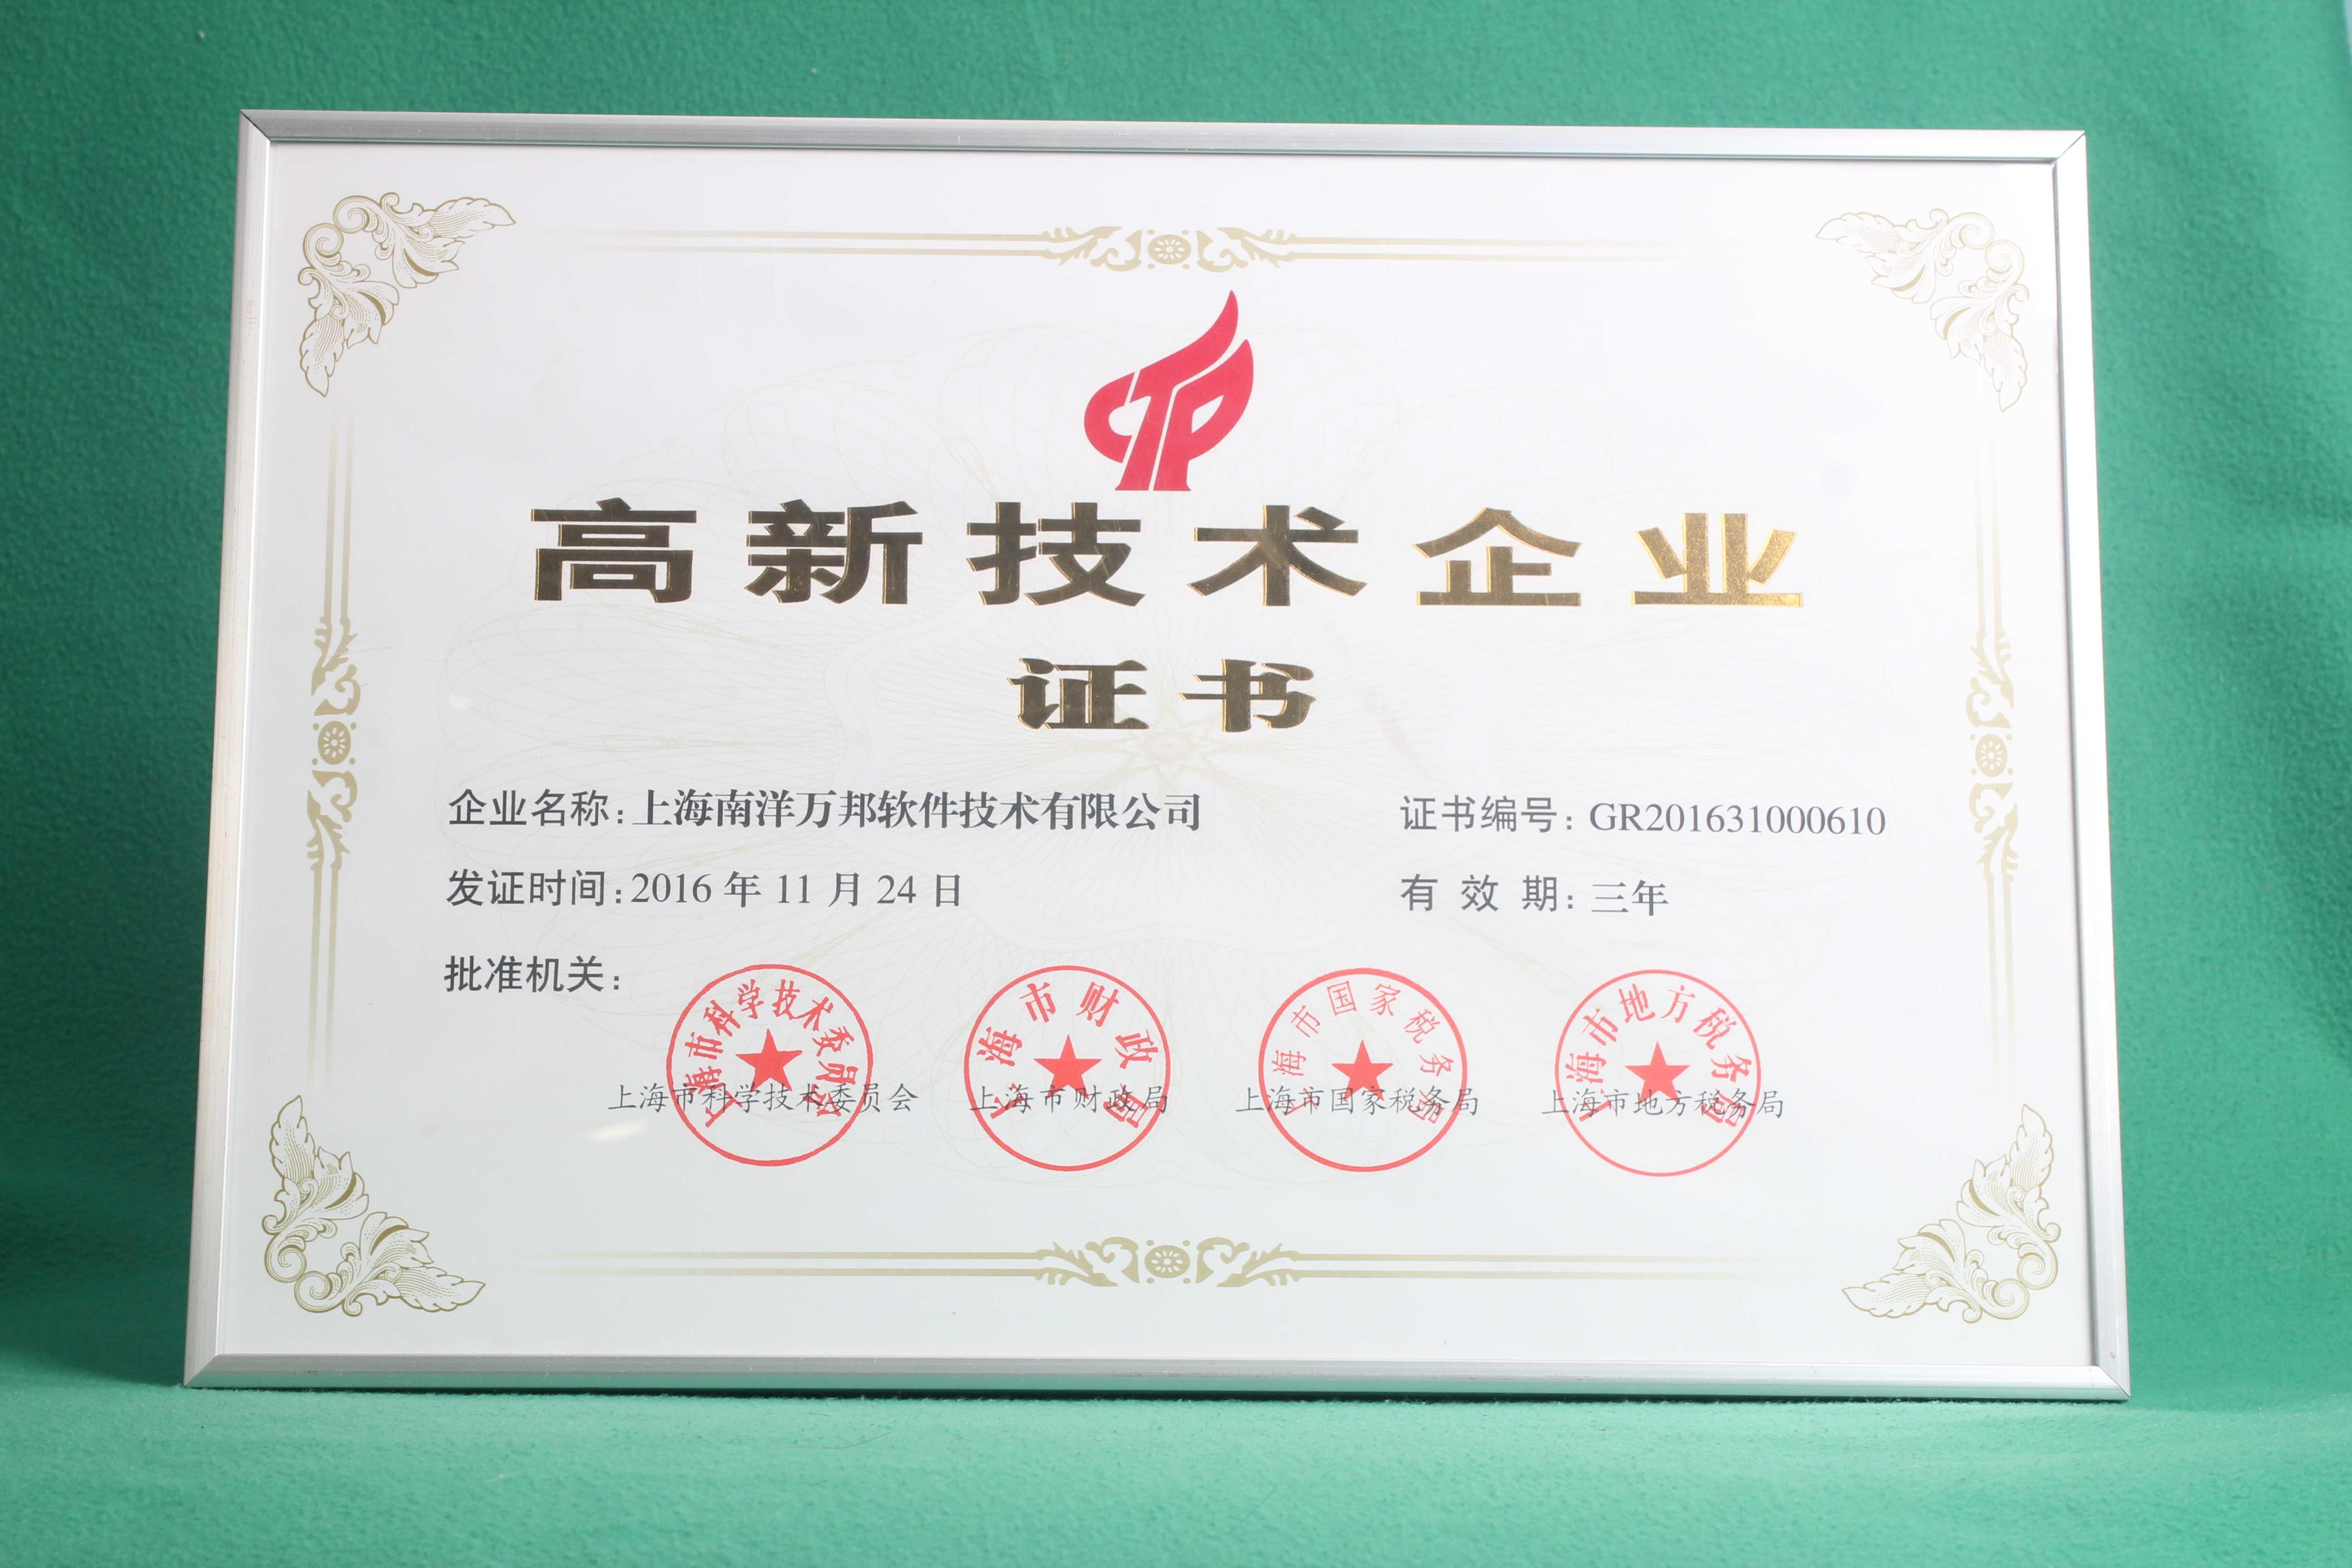 2016-【上海市高新技术企业】